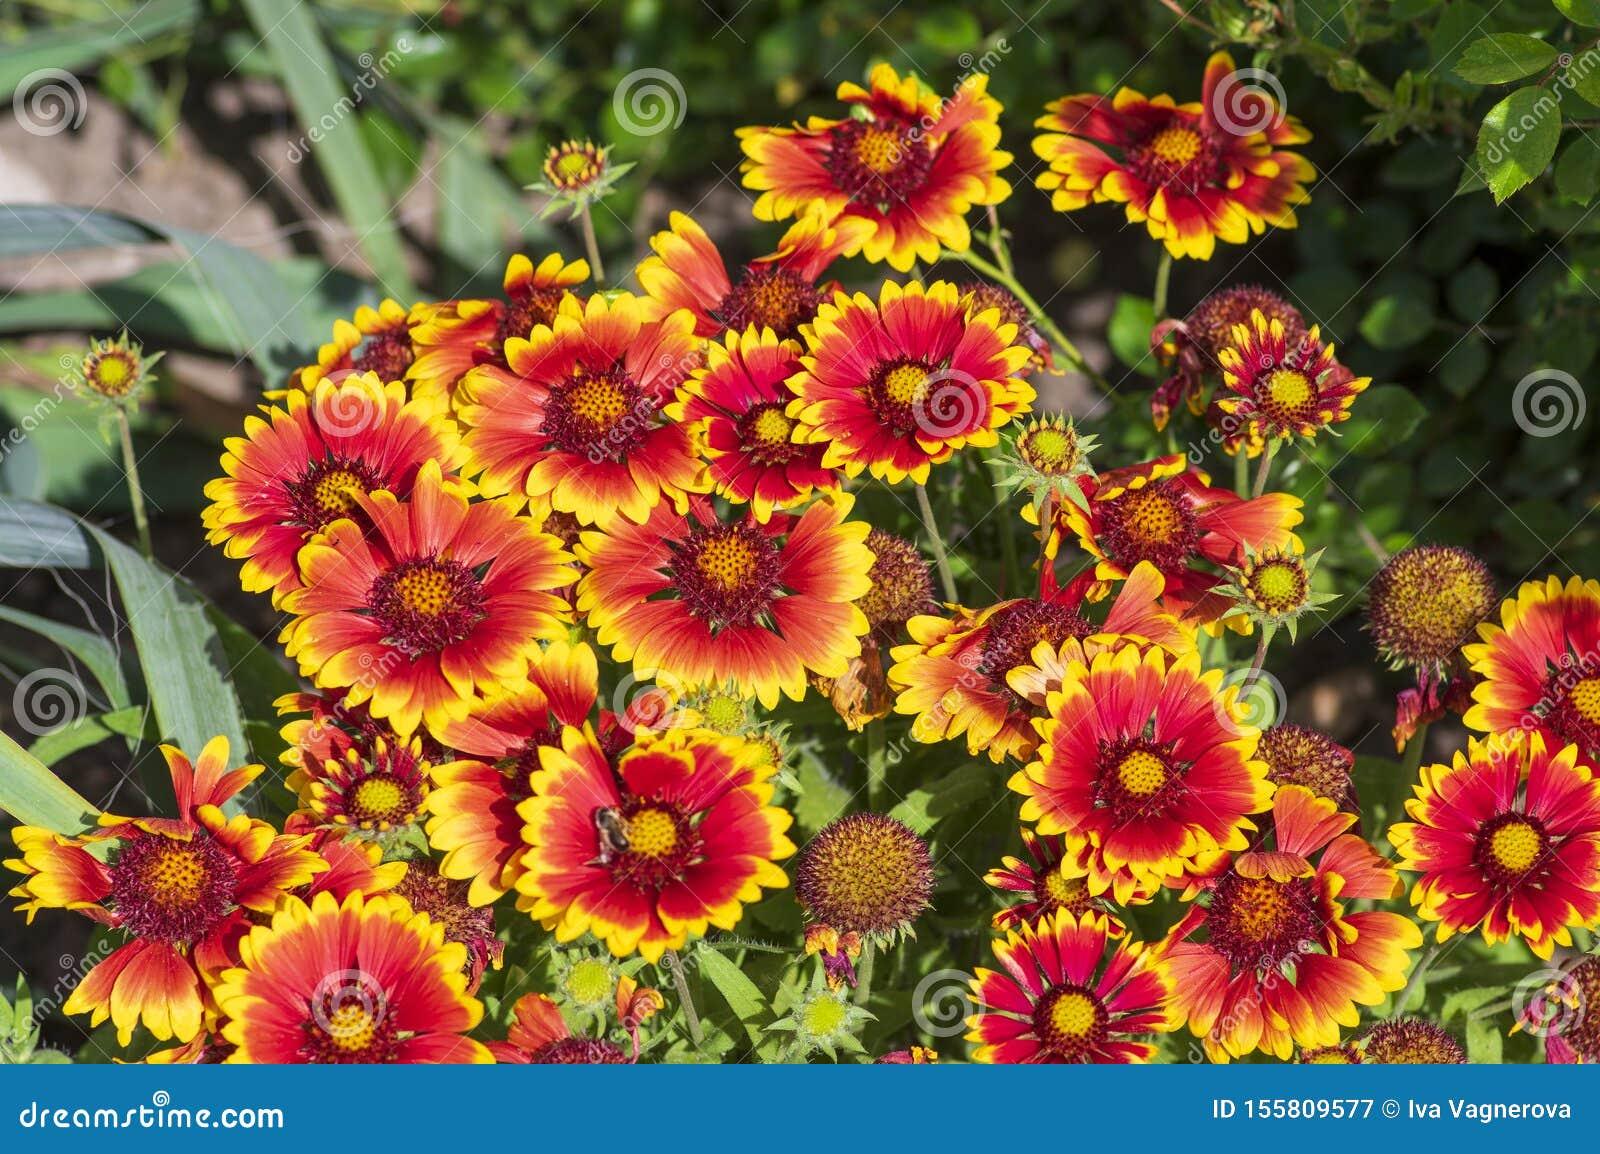 Gaillardia Aristata Flor De Color Amarillo Rojo En Flor Planta Común Florida De Flores De Color Blanco Grupo De Flores Imagen De Archivo Imagen De Florecimiento Manta 155809577